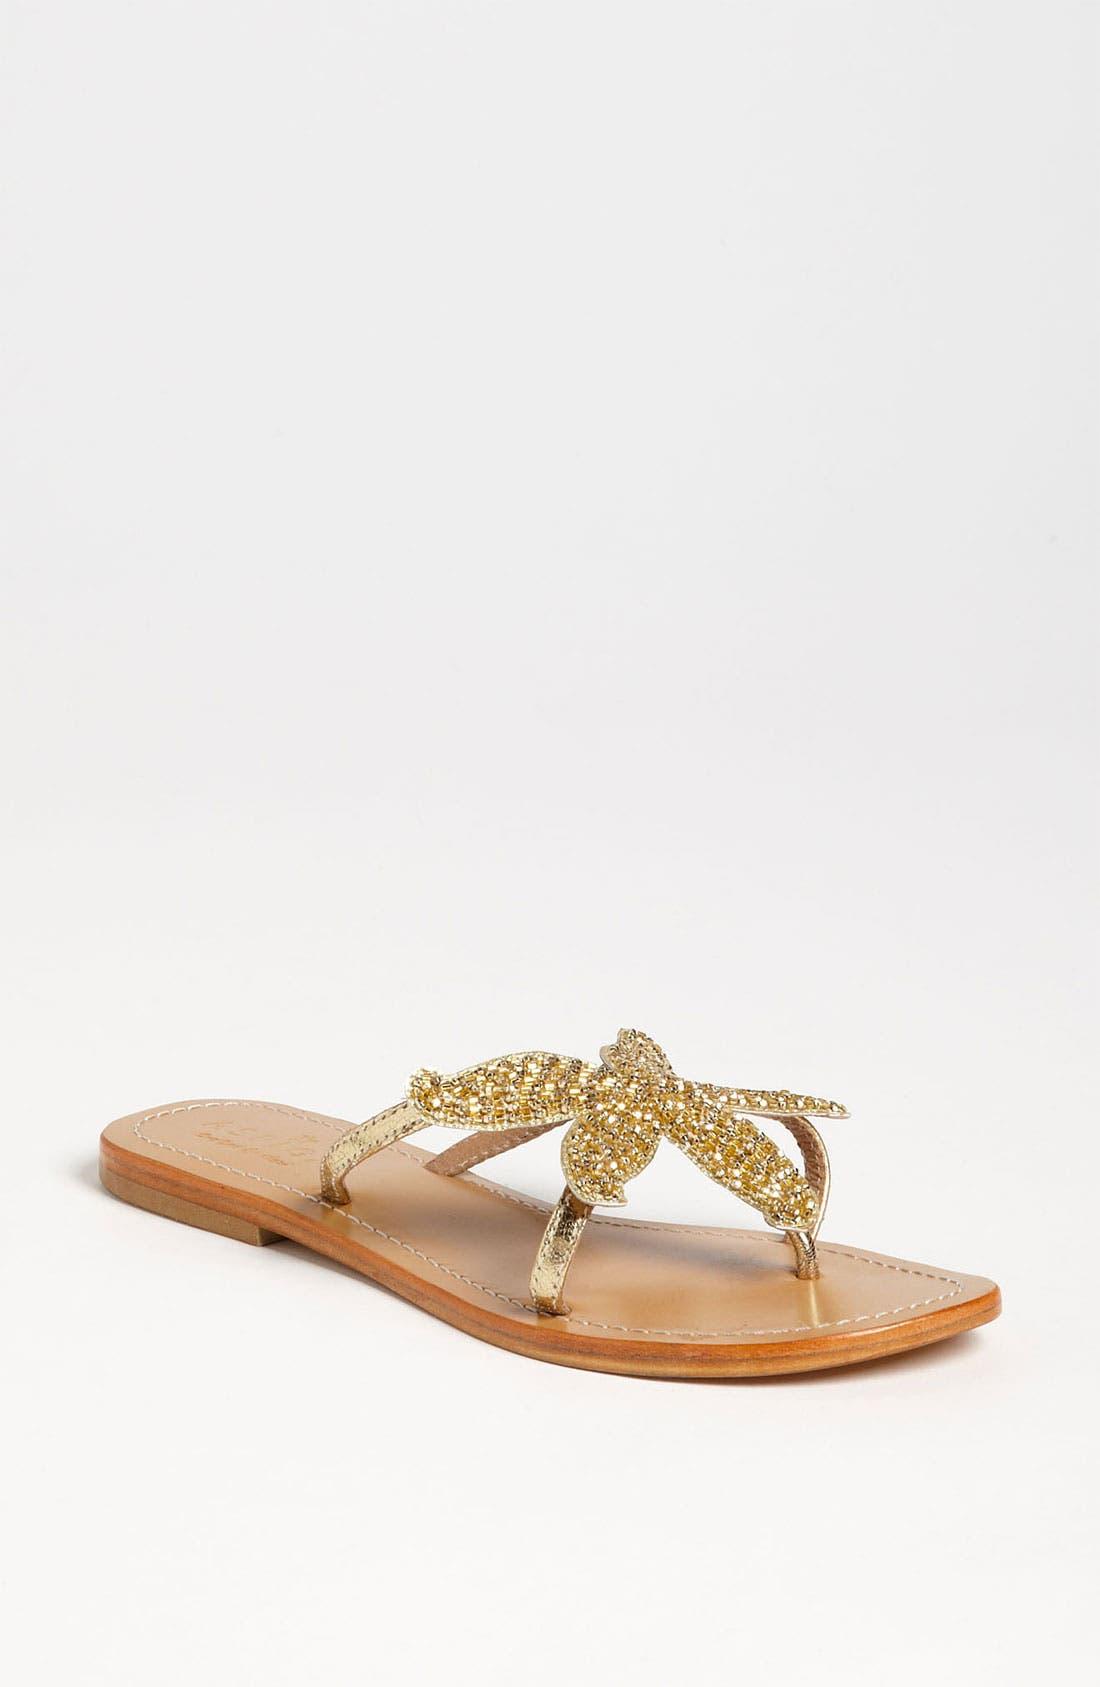 Alternate Image 1 Selected - Aspiga 'Starfish' Sandal